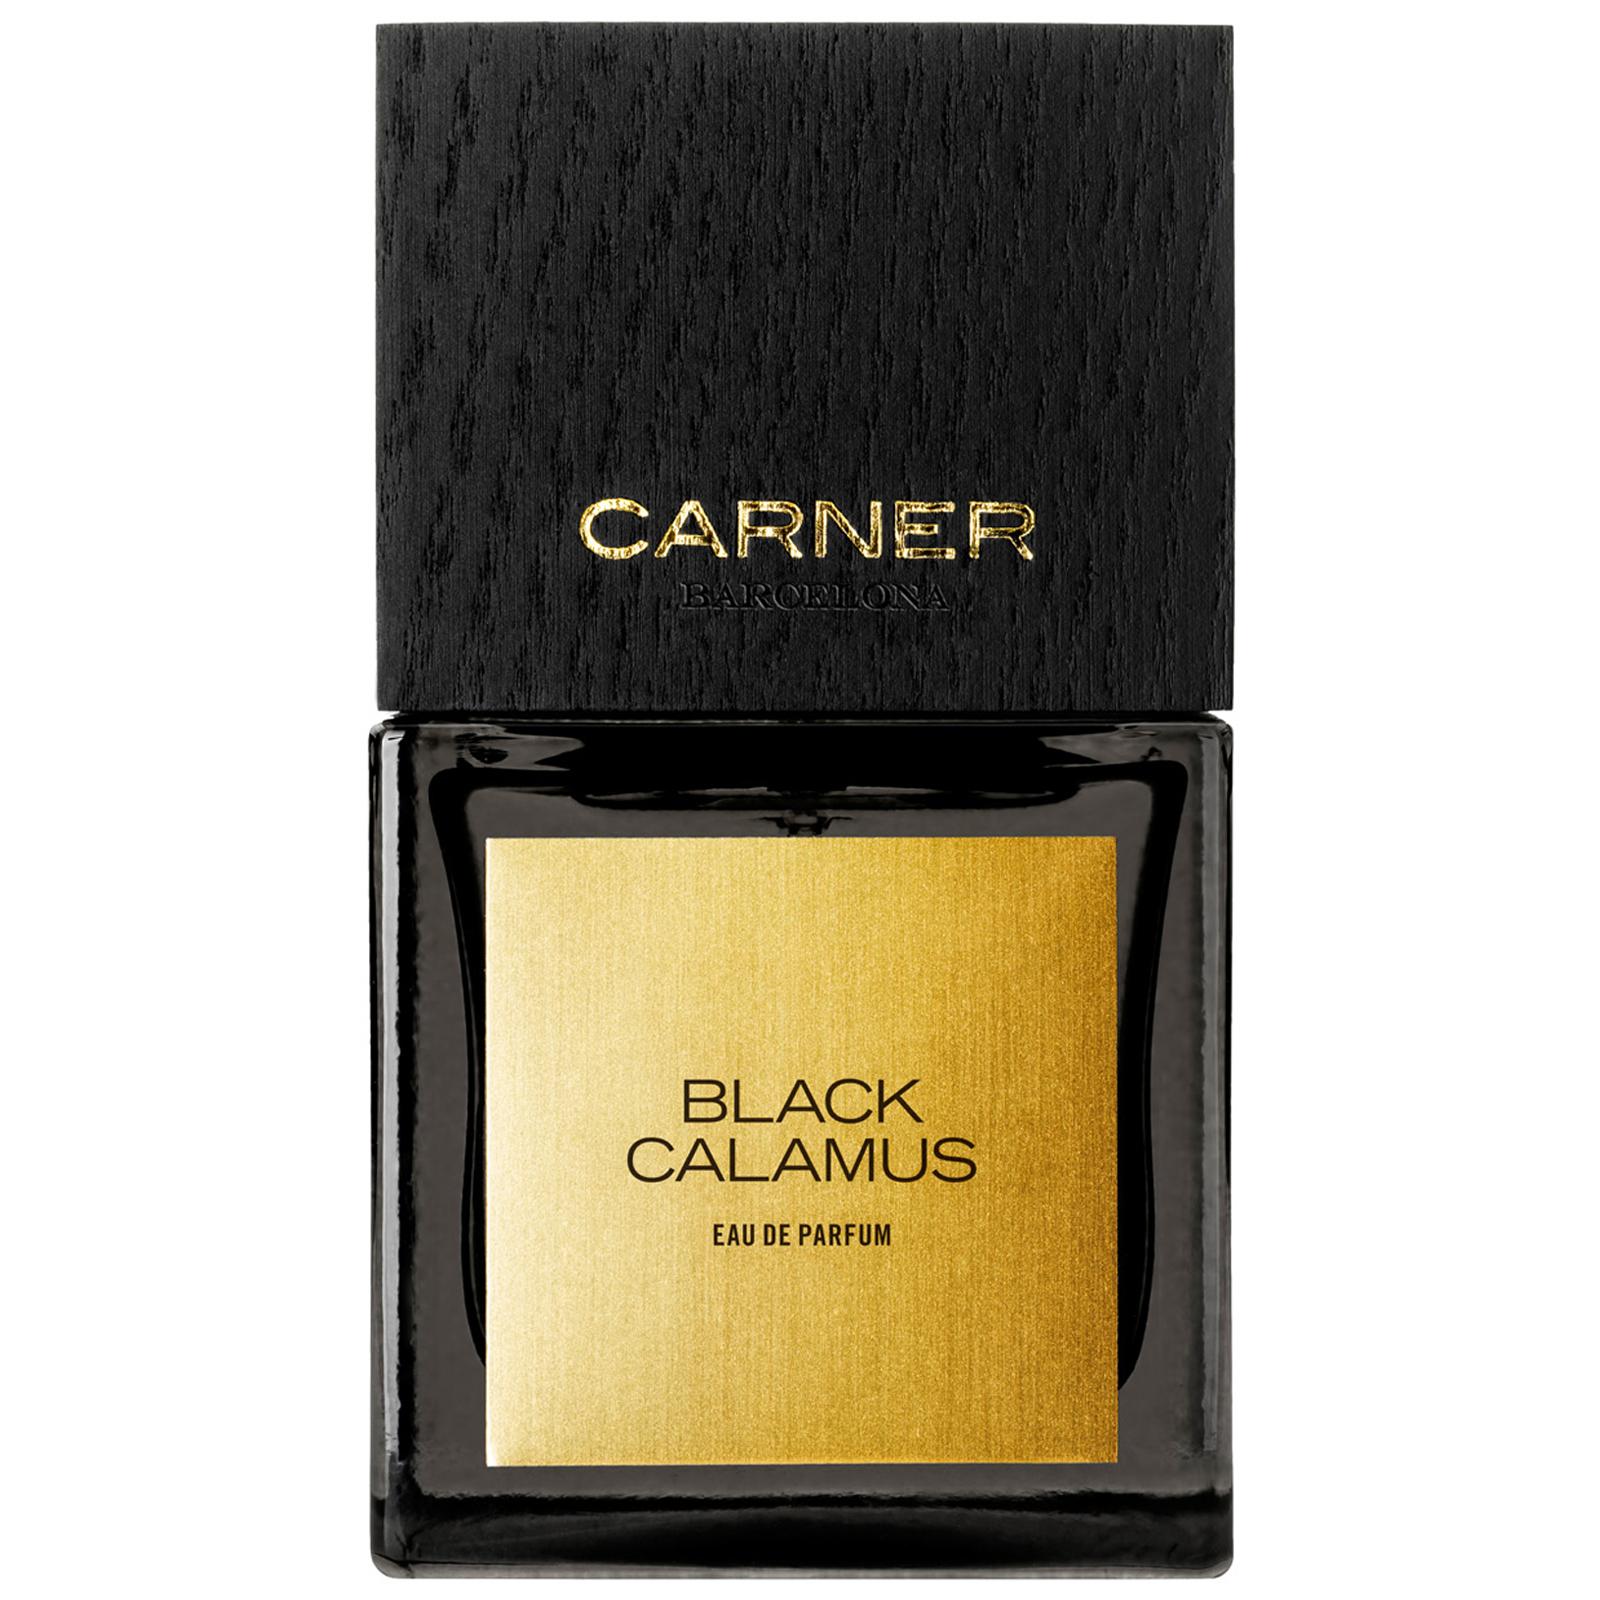 Black calamus profumo eau de parfum 50 ml